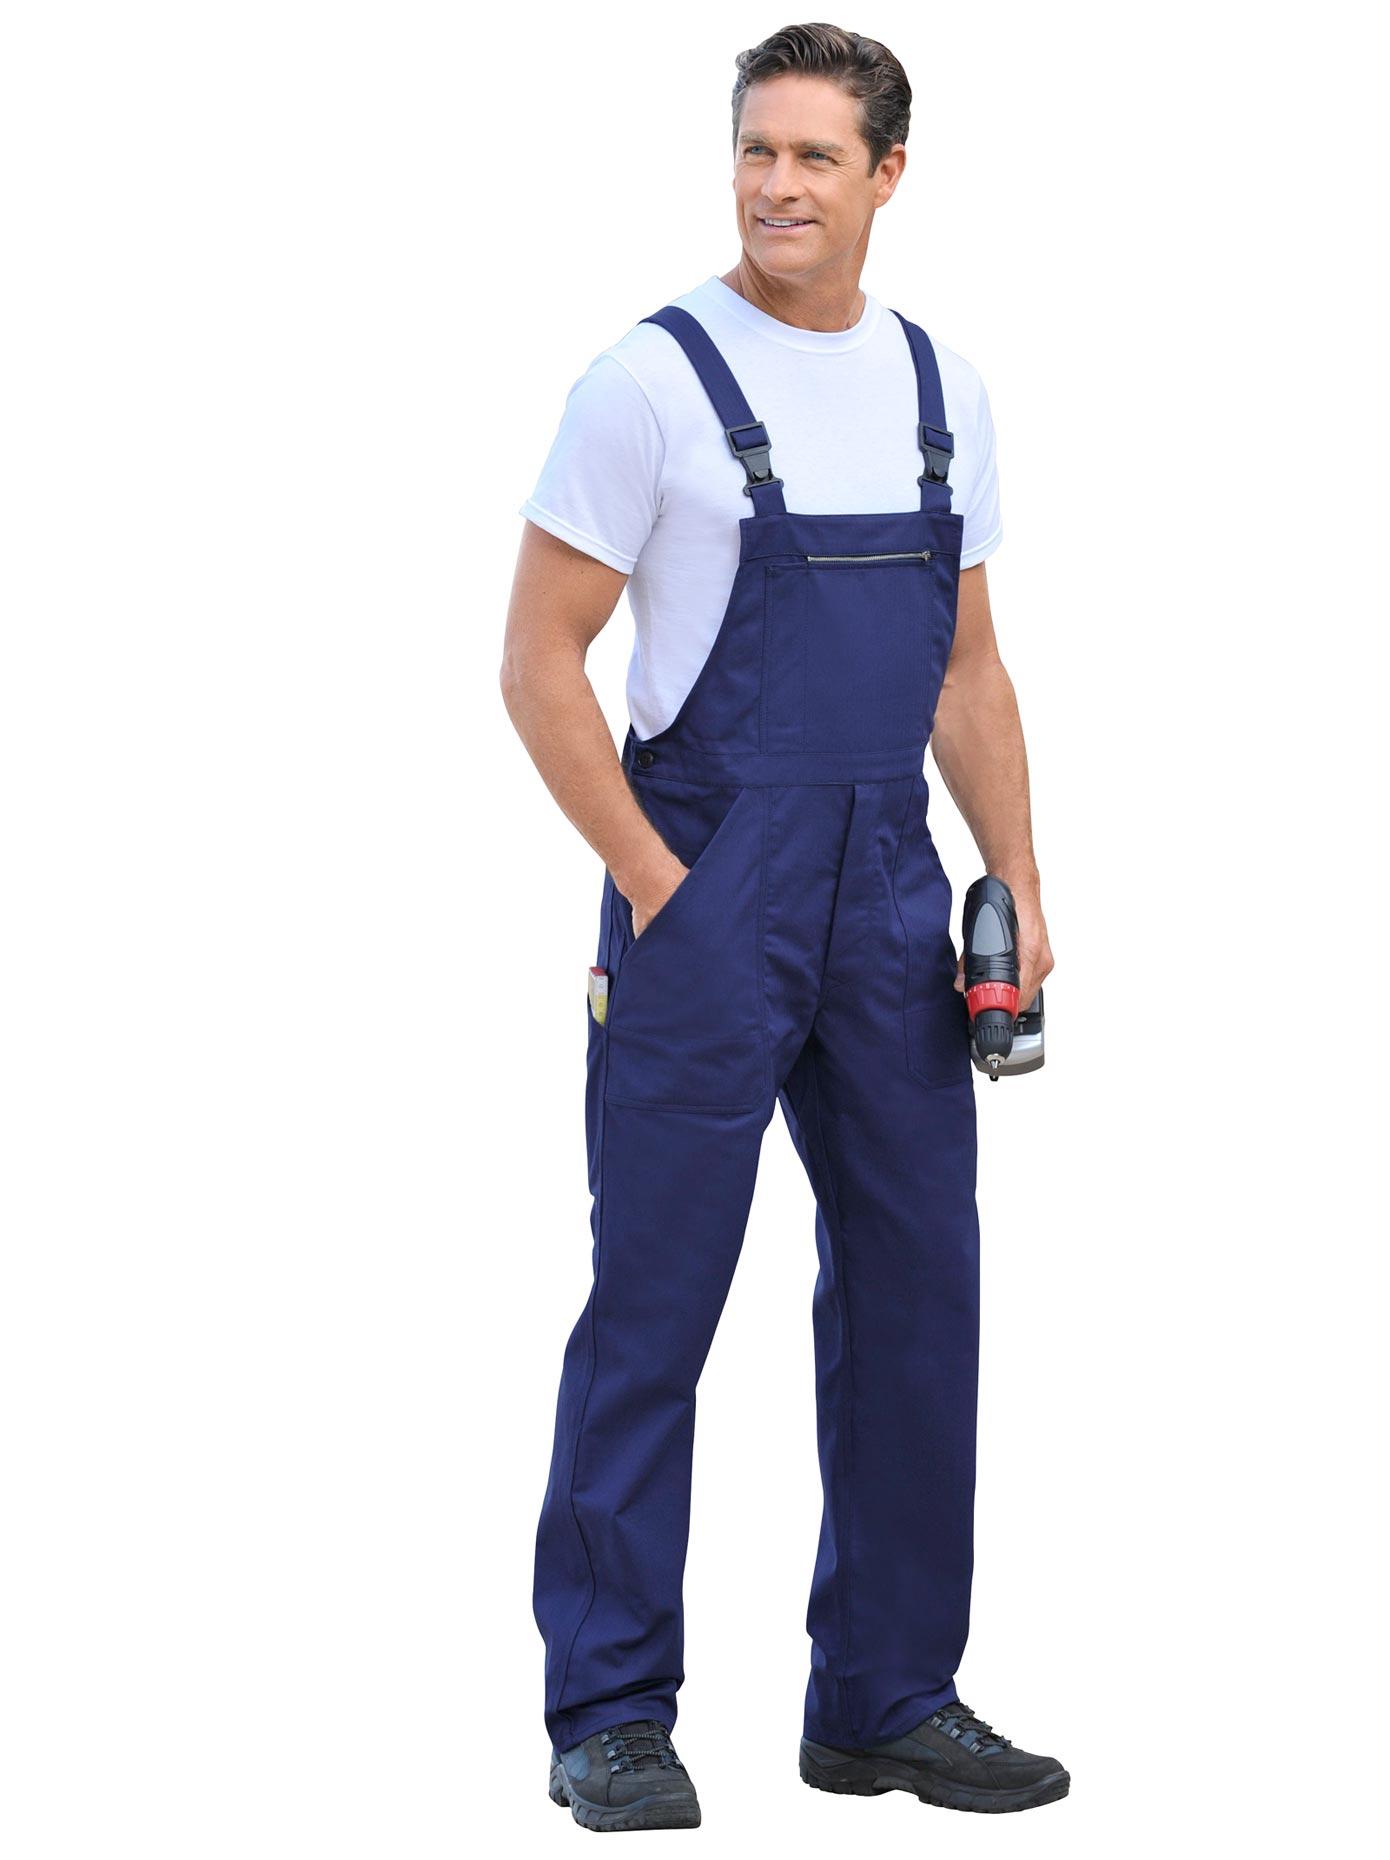 Classic Uvex Latzhose aus reiner Baumwolle blau Herren Latzhosen Arbeitshosen Arbeits- Berufsbekleidung Hosen, sonstige